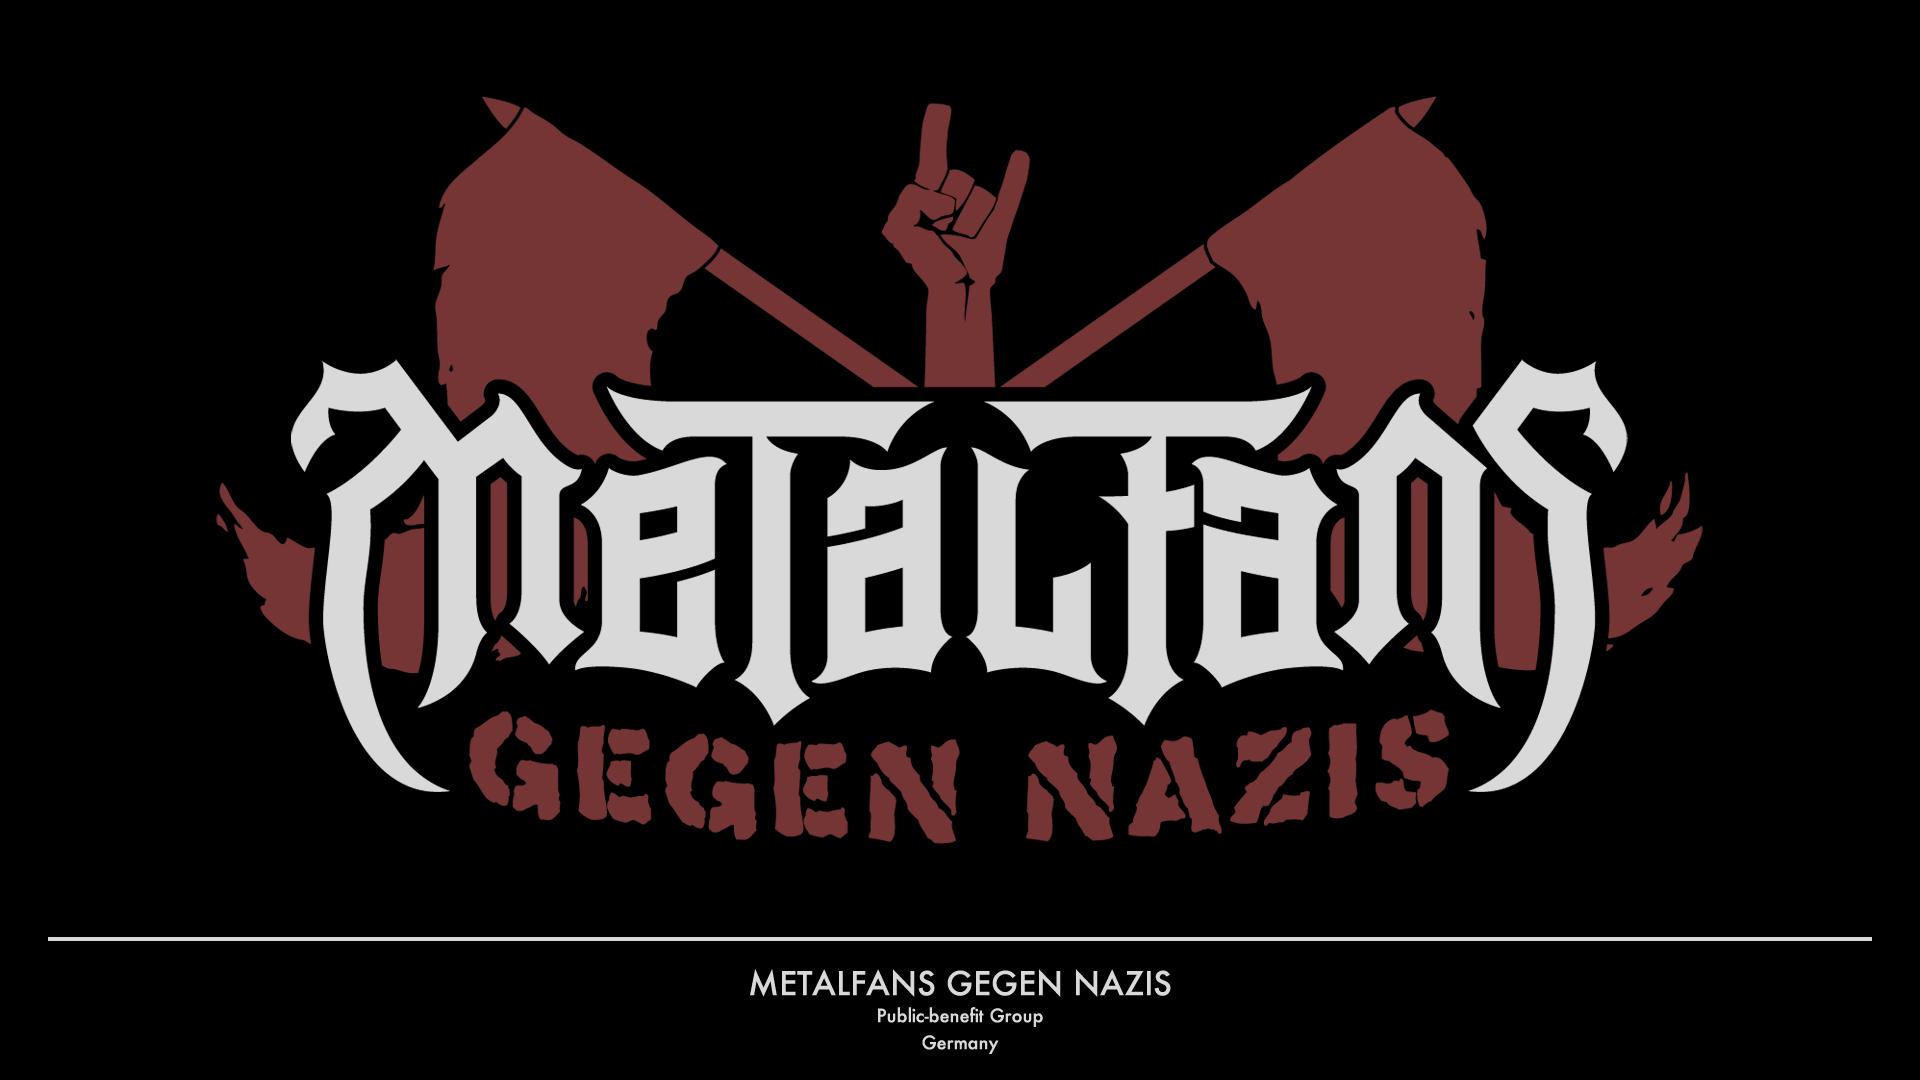 Metalfans_Gegen_Nazis.jpg